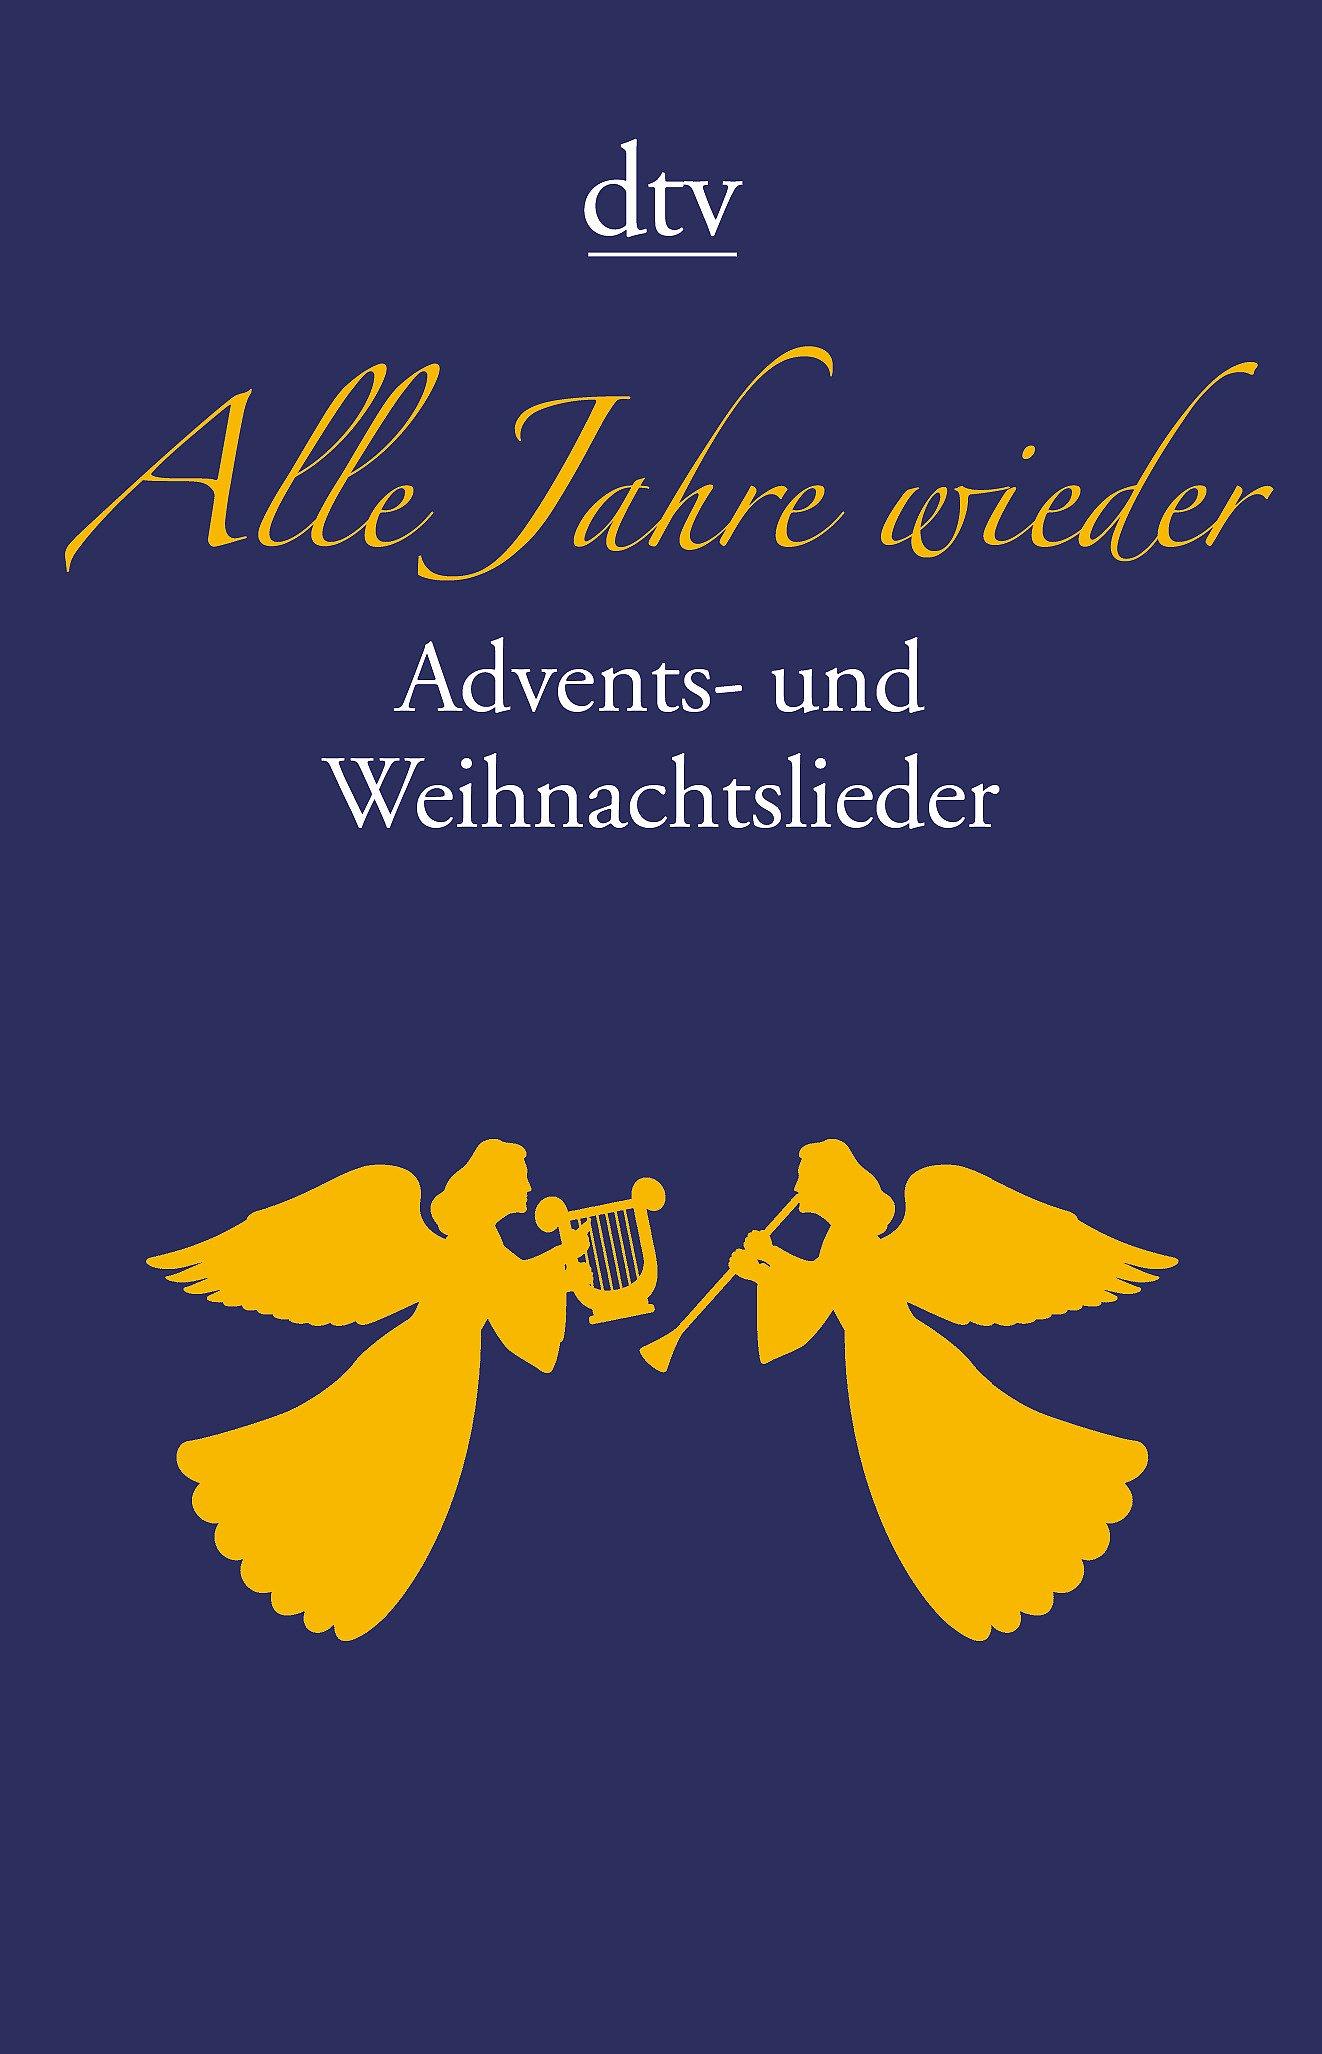 Alle Jahre wieder: Advents- und Weihnachtslieder: Amazon.de: Walter ...